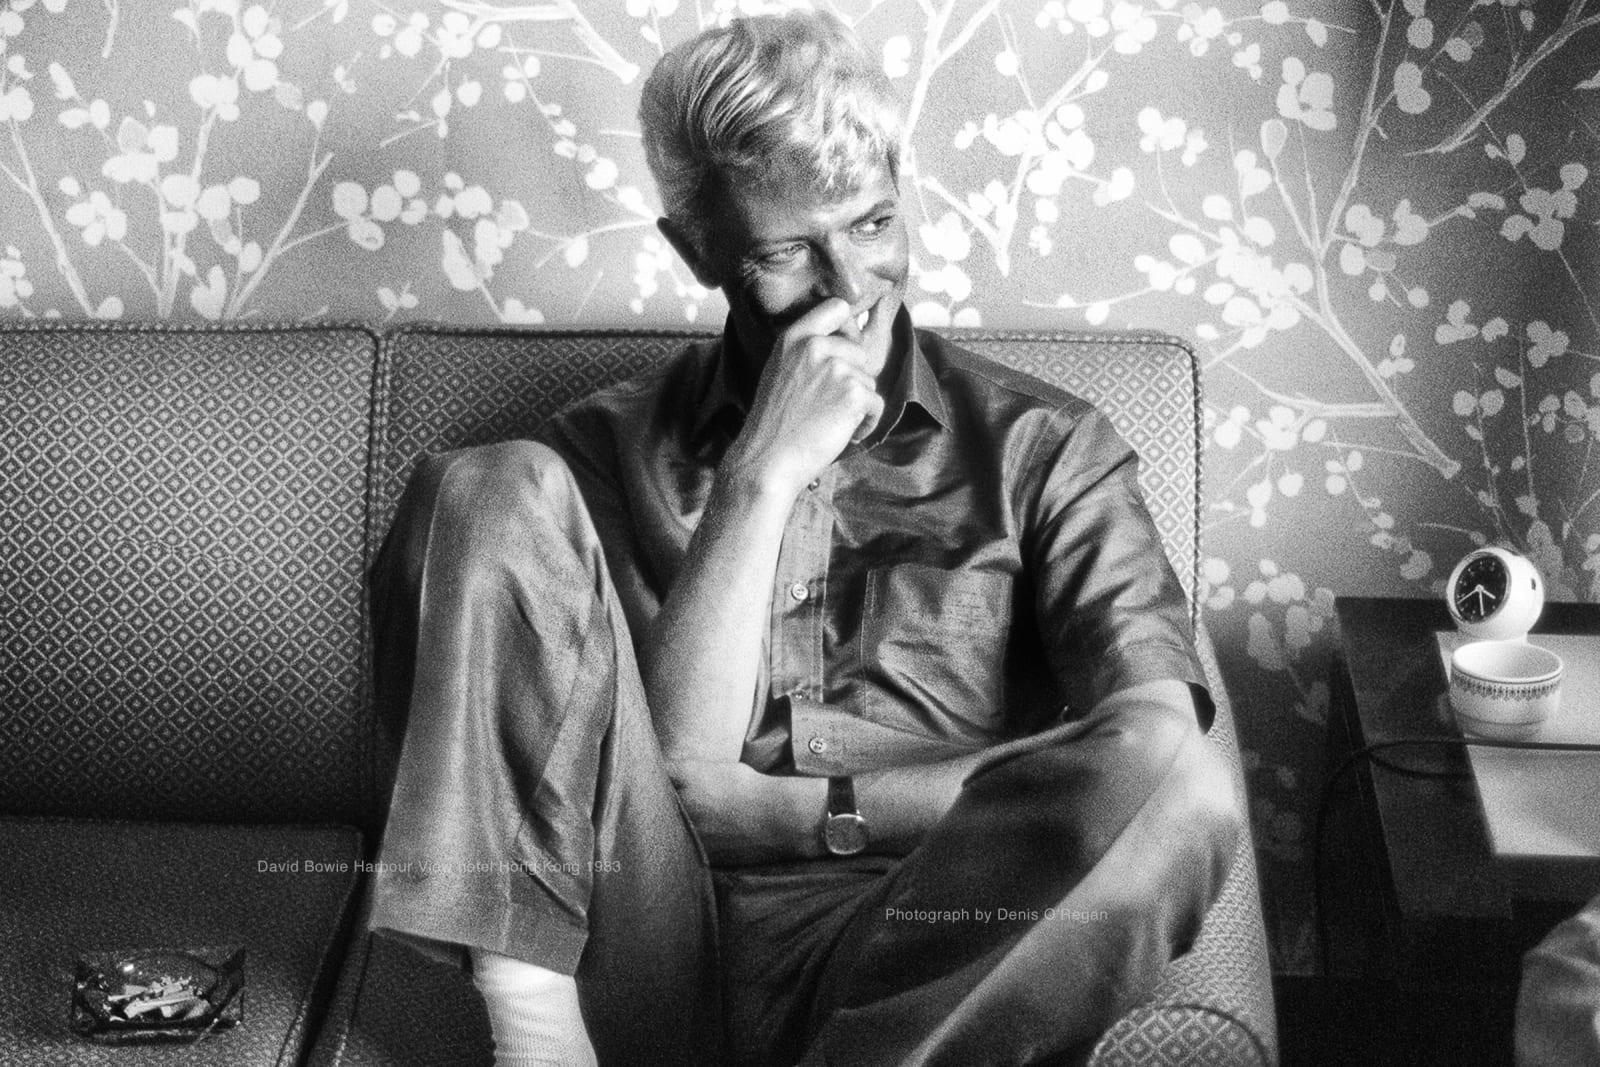 DAVID BOWIE, David Bowie Hong Kong, 1983